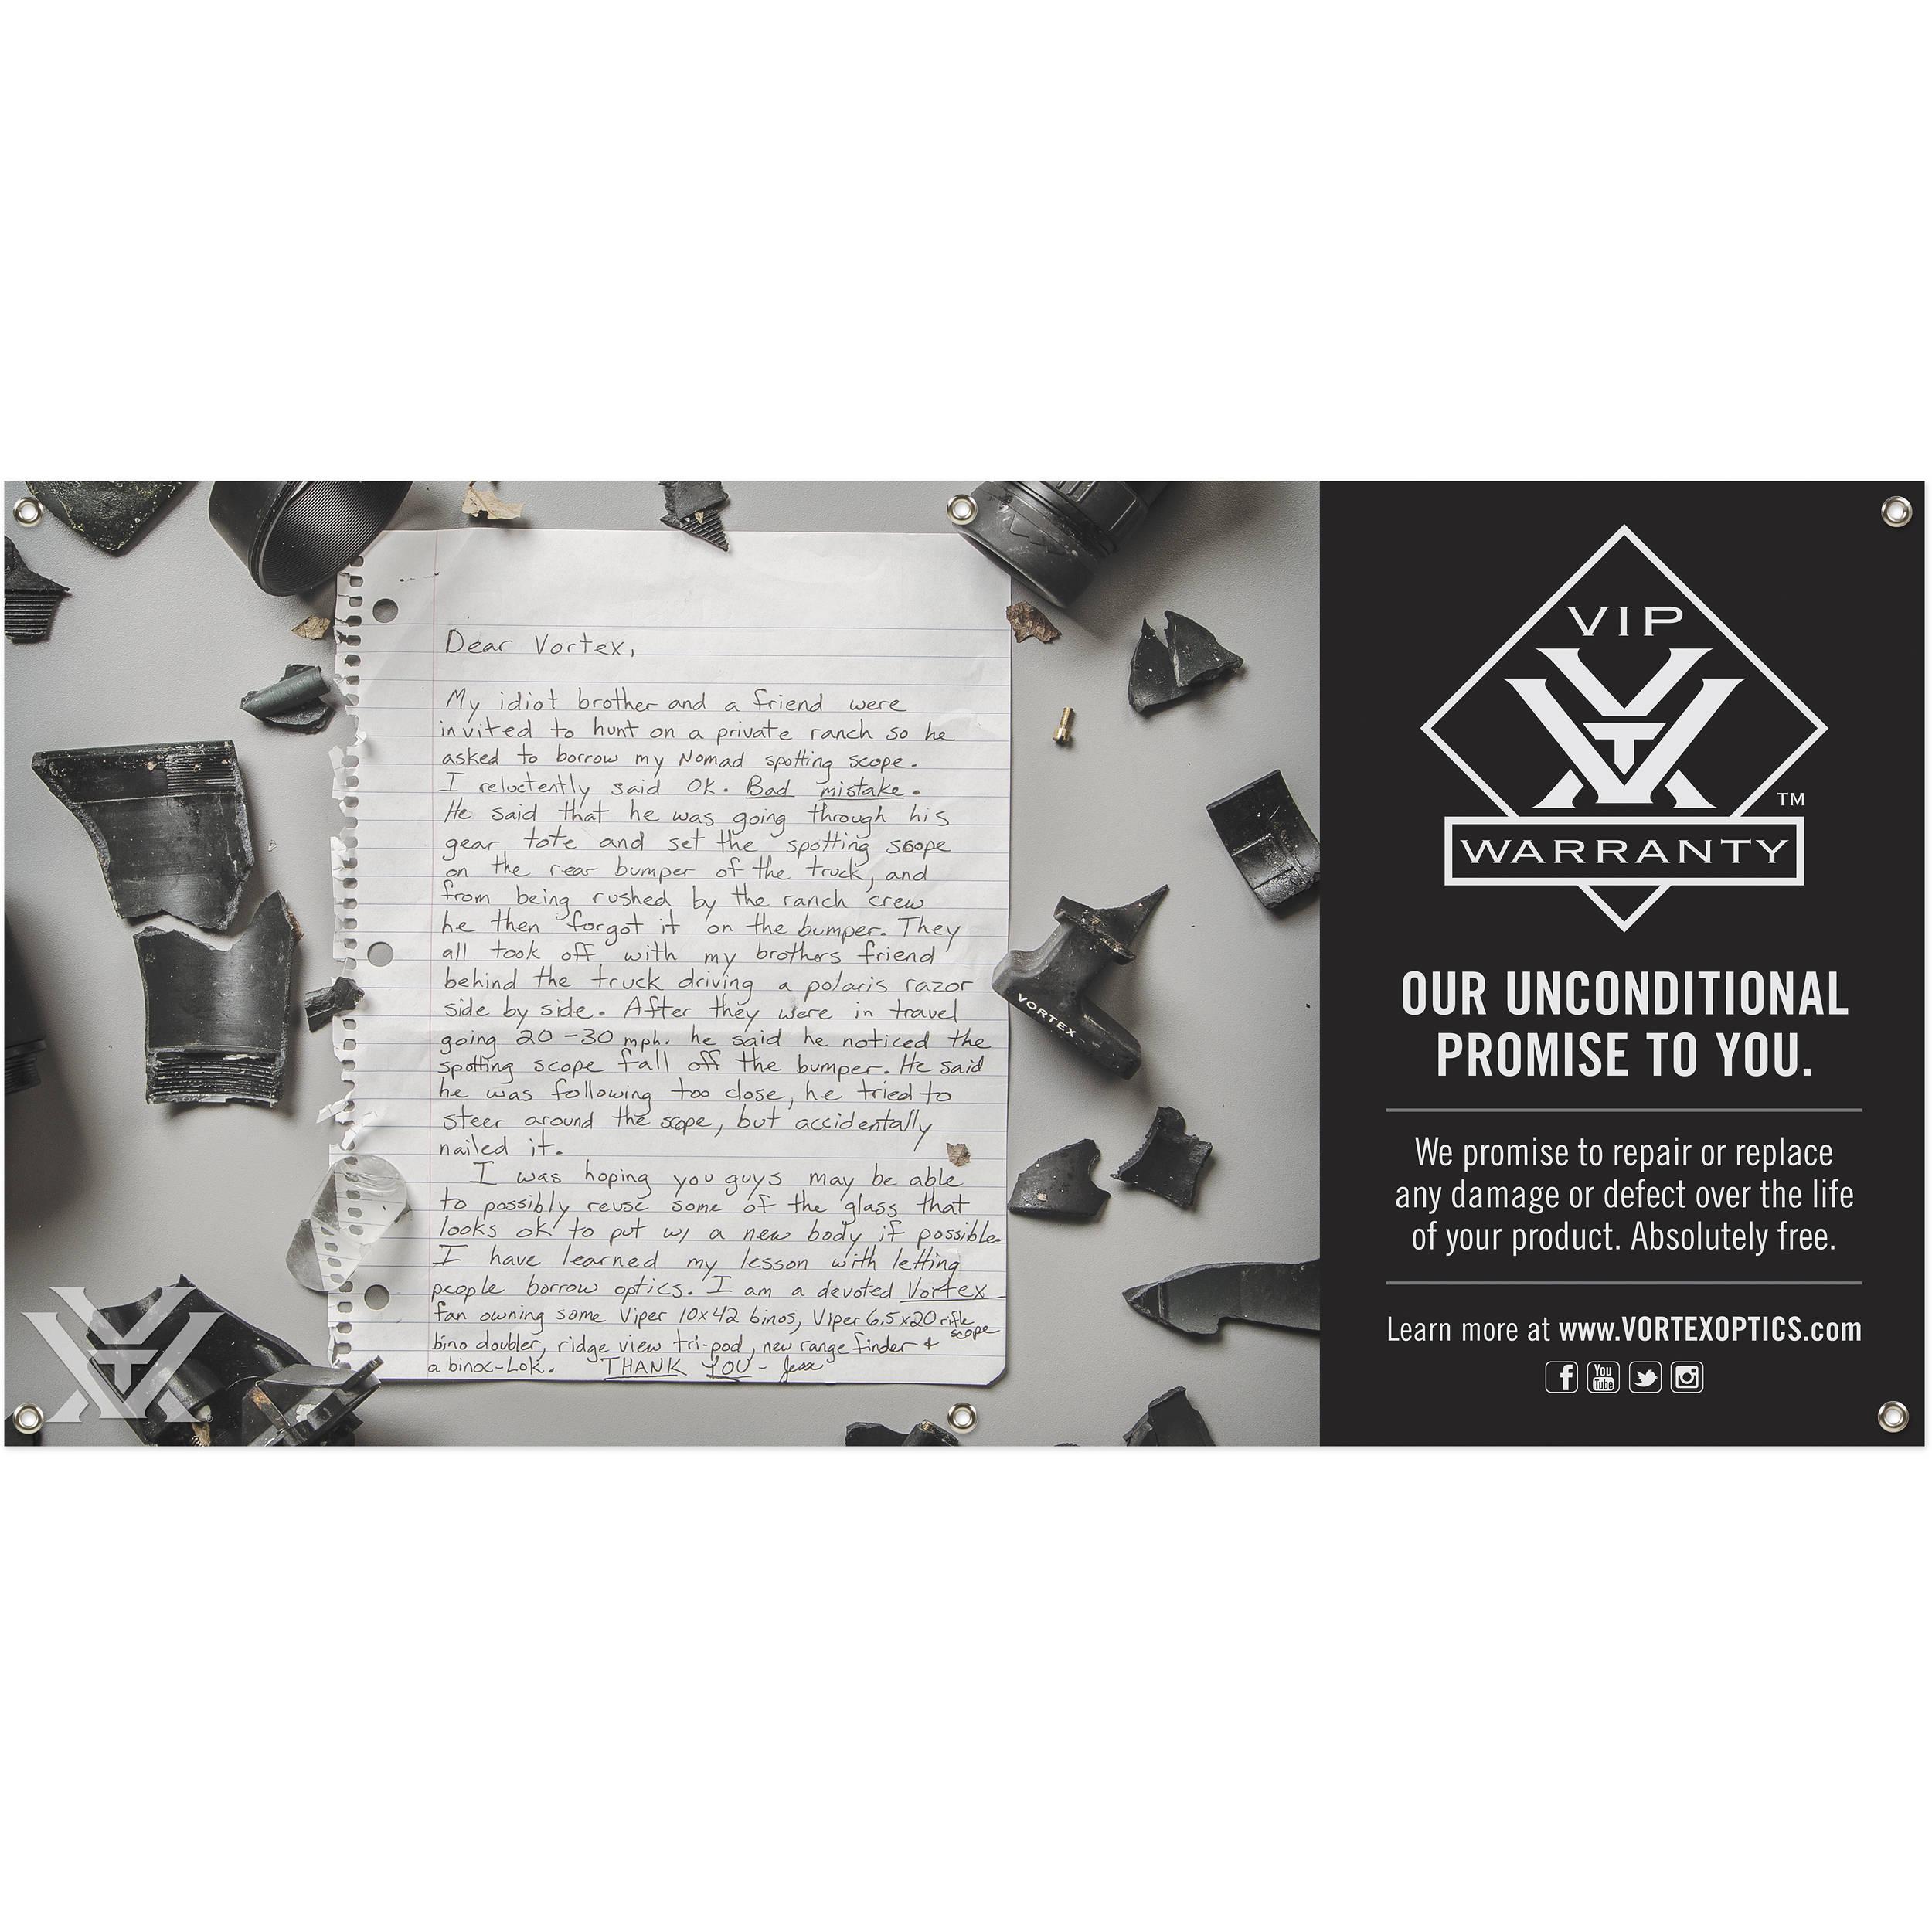 Vortex VIP Story Banner (4 x 2') BANNER-15 B&H Photo Video